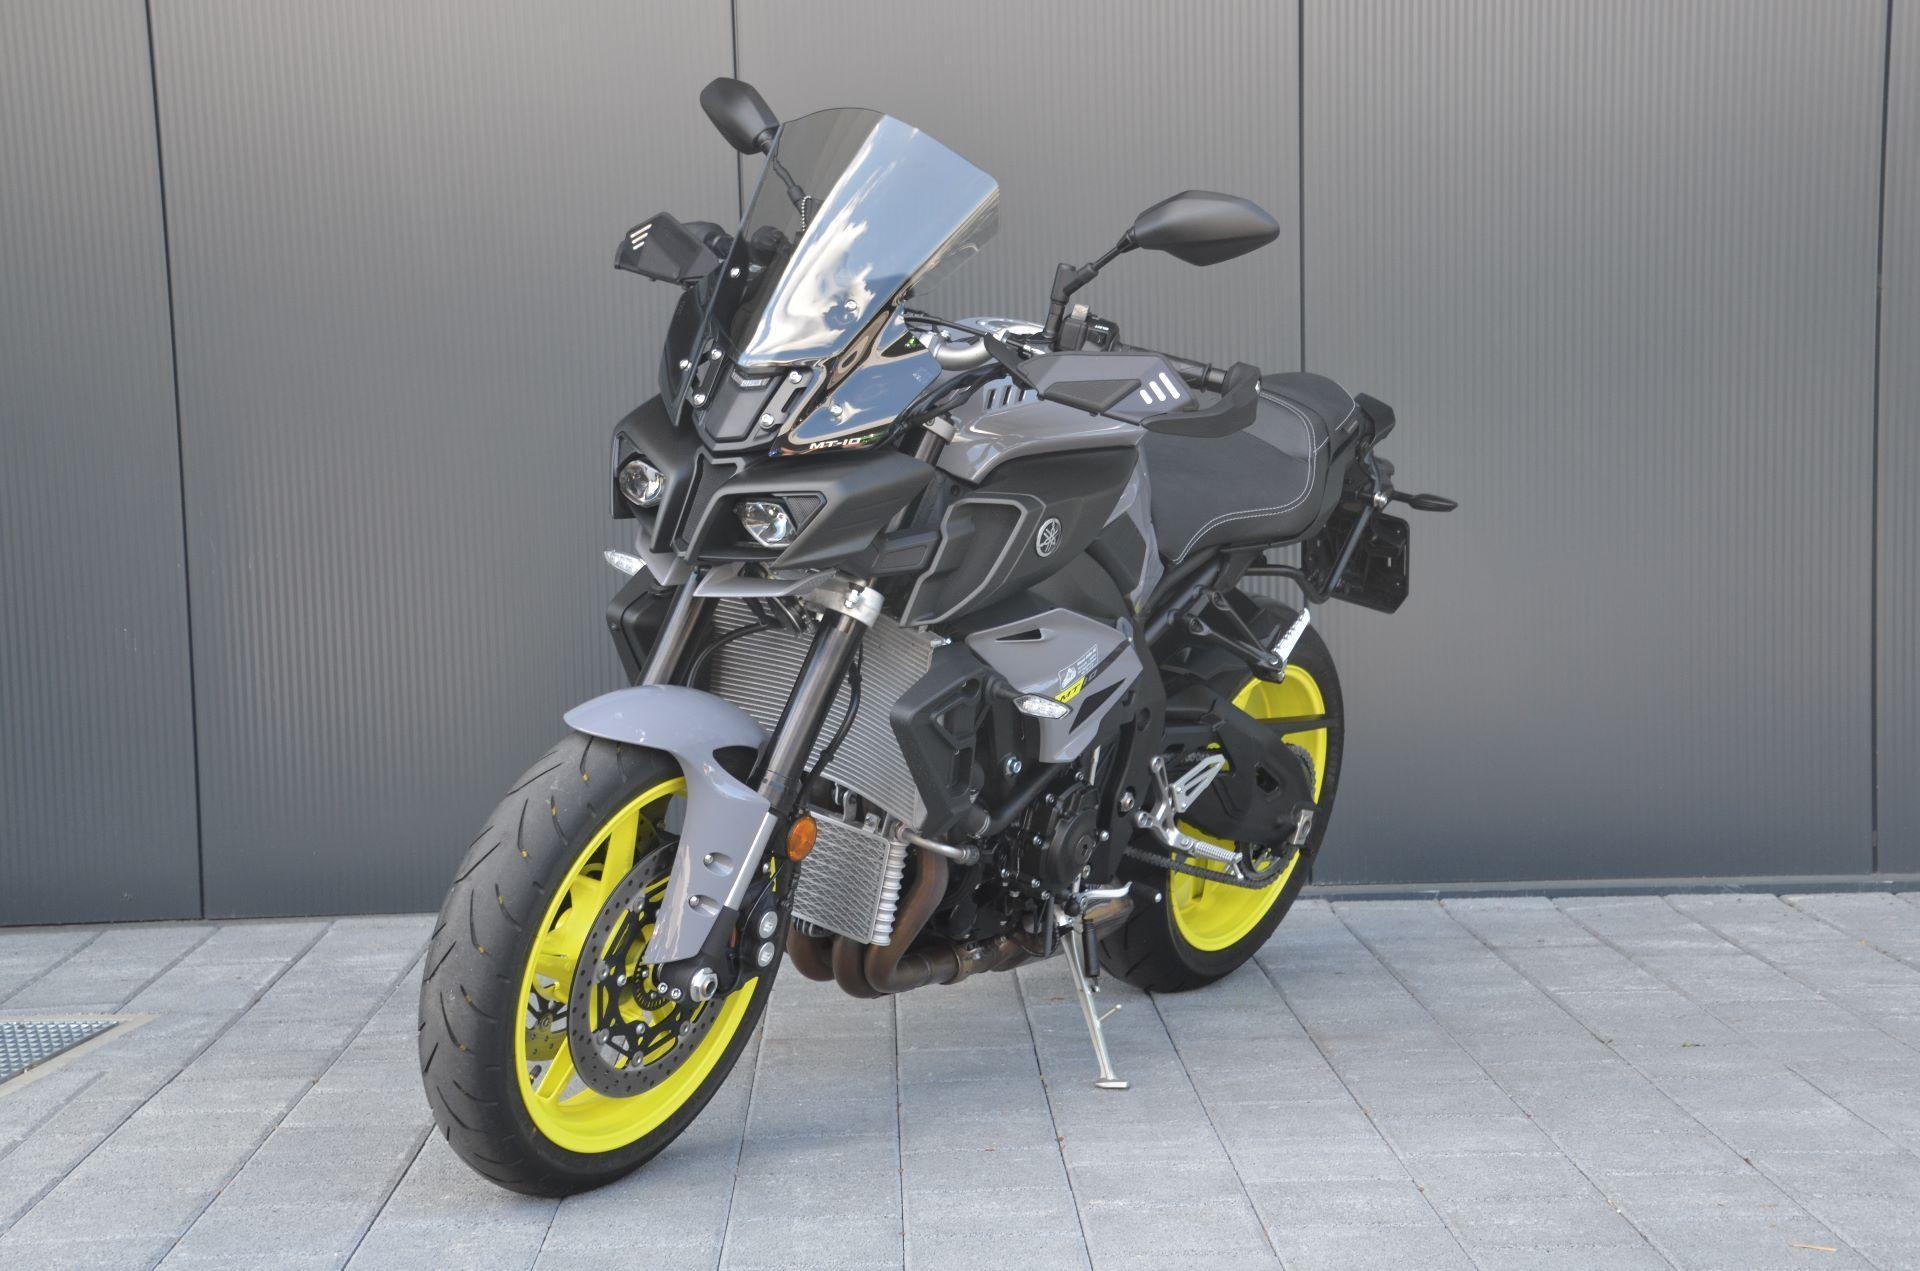 motorrad occasion kaufen yamaha mt 10 abs keller motos ag siggenthal station. Black Bedroom Furniture Sets. Home Design Ideas